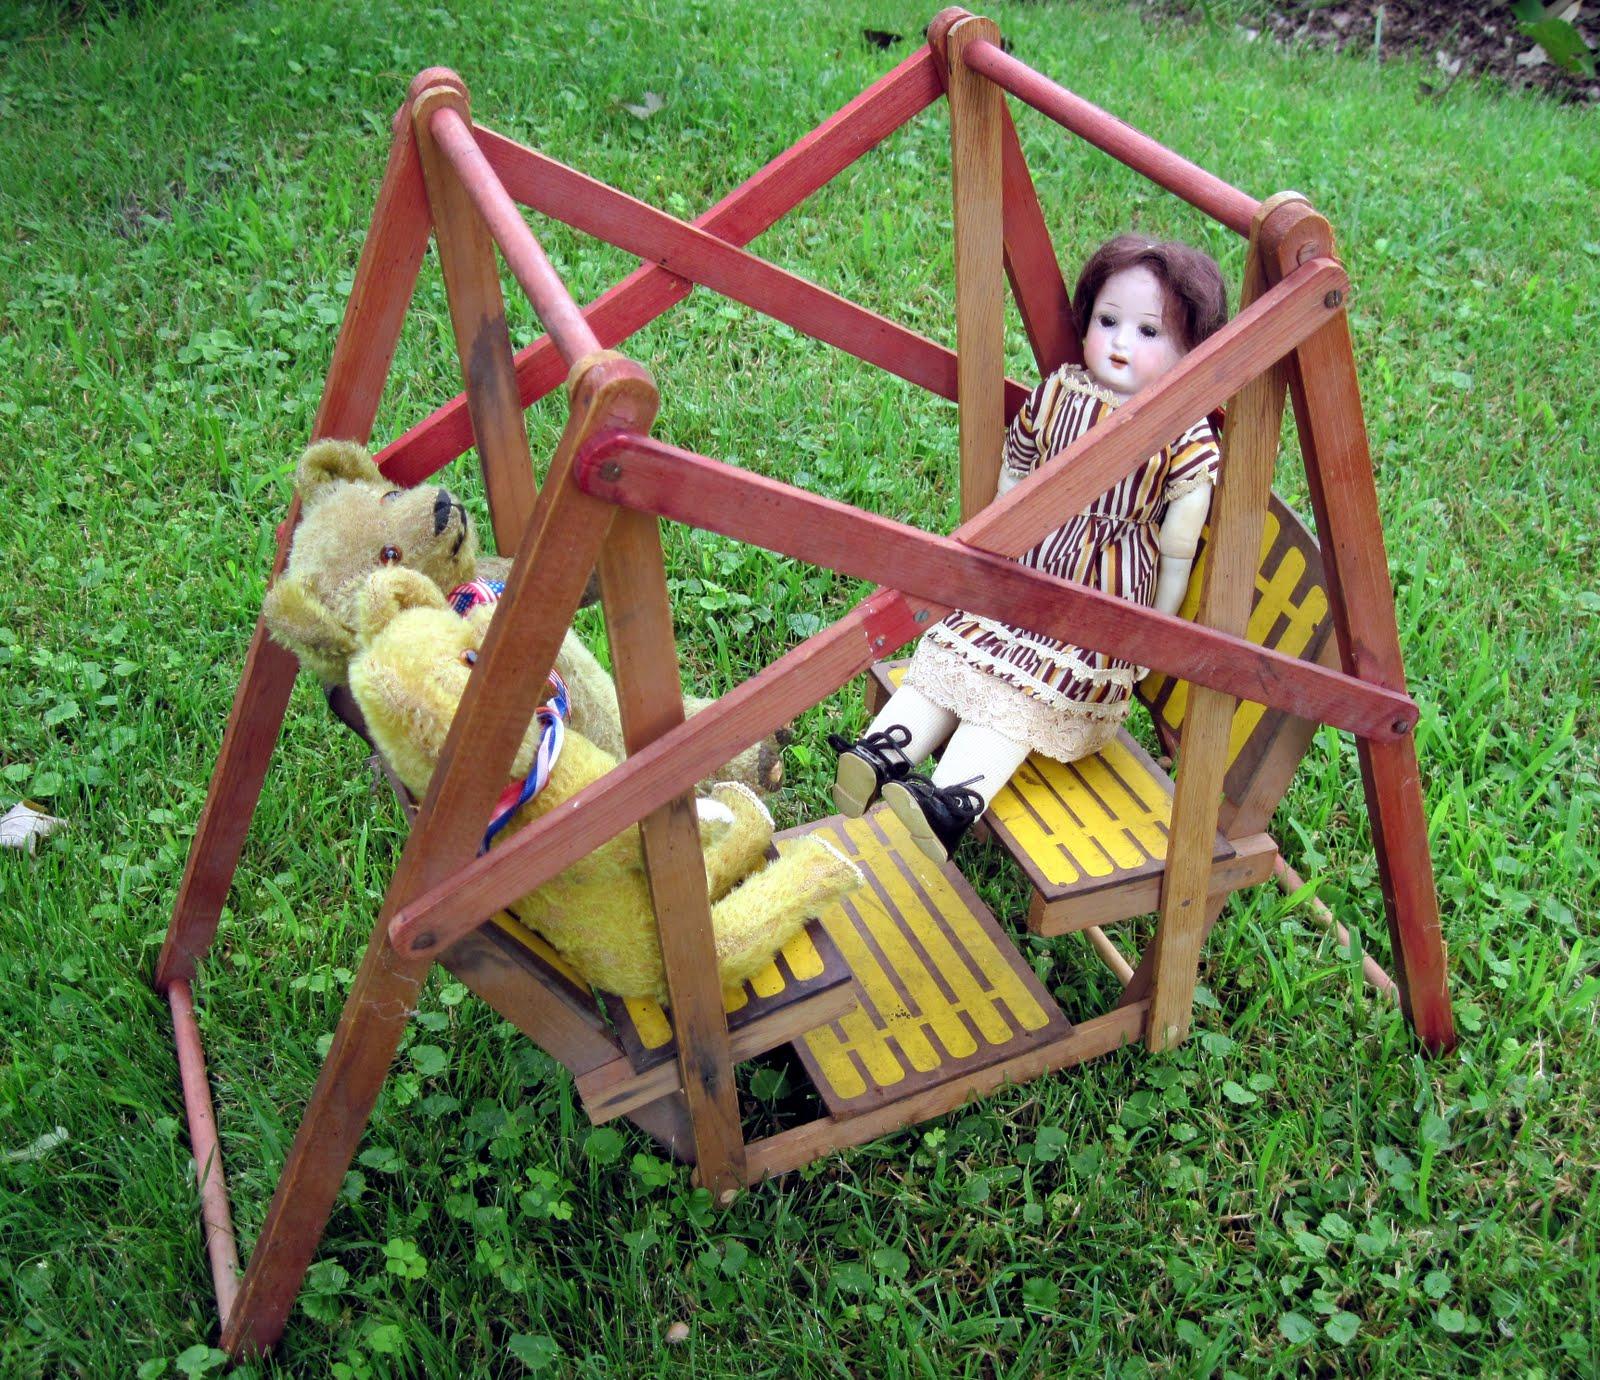 http://1.bp.blogspot.com/_ED0zYuiiwBg/TERBuHb6EhI/AAAAAAAACUE/TrQQA4NWJR0/s1600/doll+swing.jpg